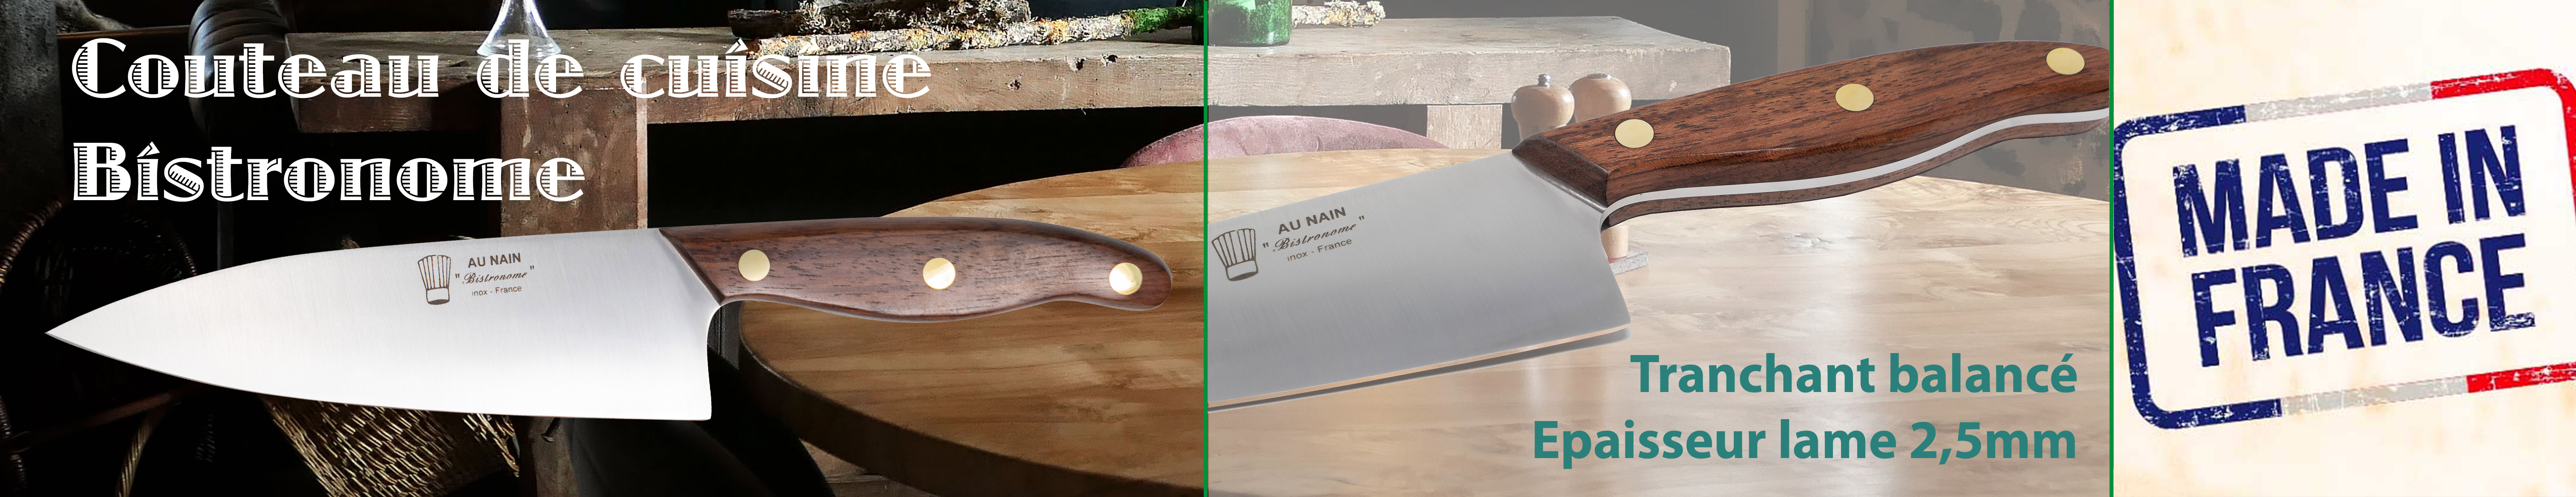 Découvrez le couteau de cuisine Eminceur de la gamme made in France Bistronome